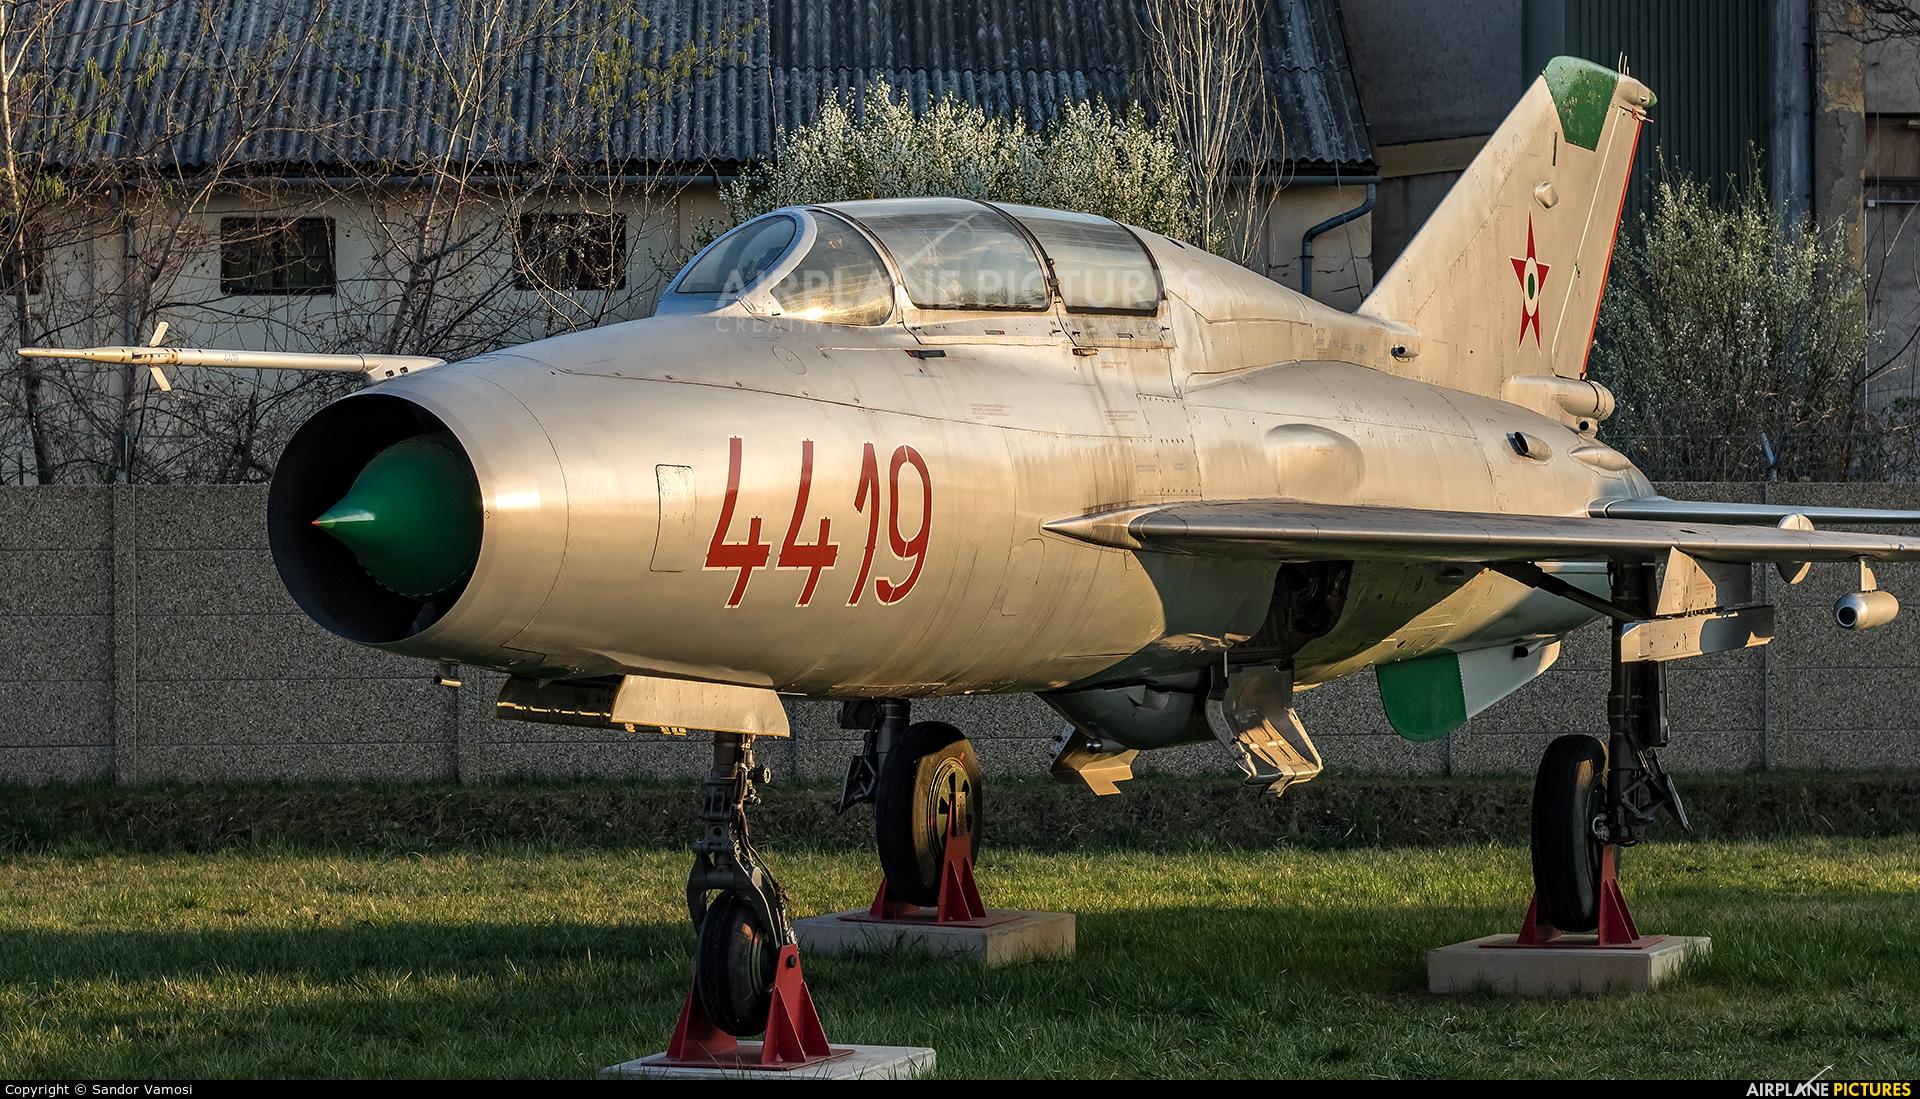 Hungary - Air Force 4419 aircraft at Off Airport - Hungary